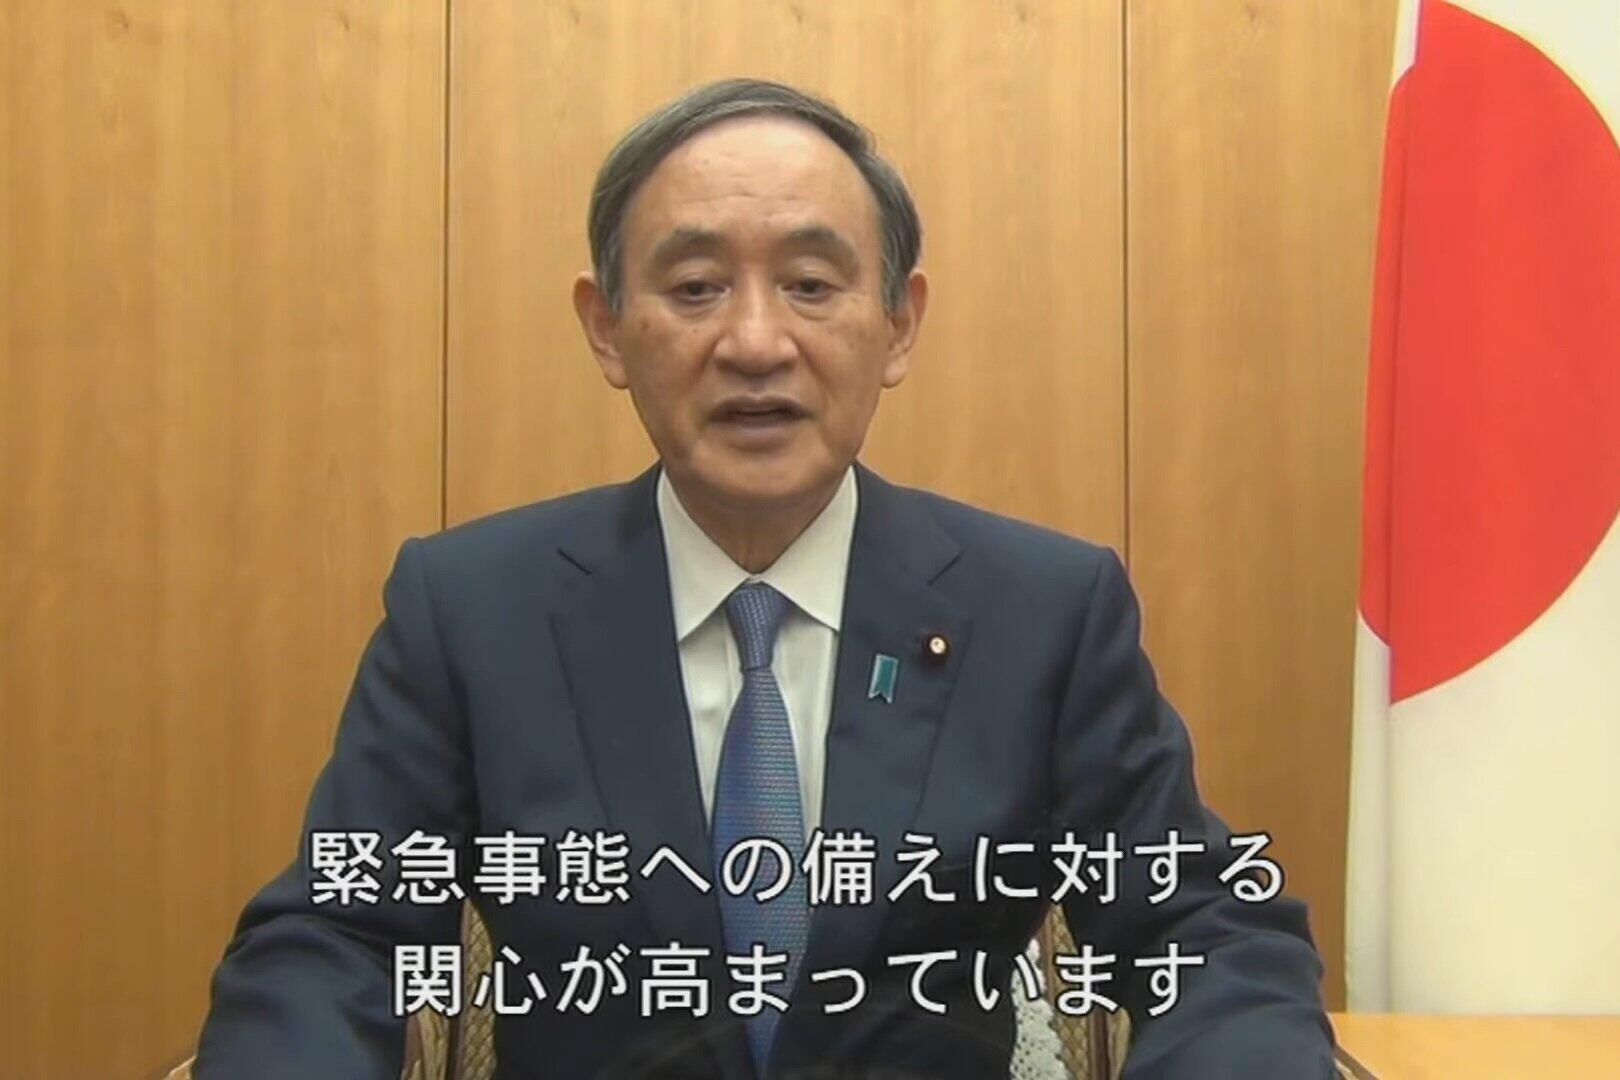 緊急事態への備えは「極めて重く大切な課題」 ビデオメッセージにみる菅首相の「改憲本気度」